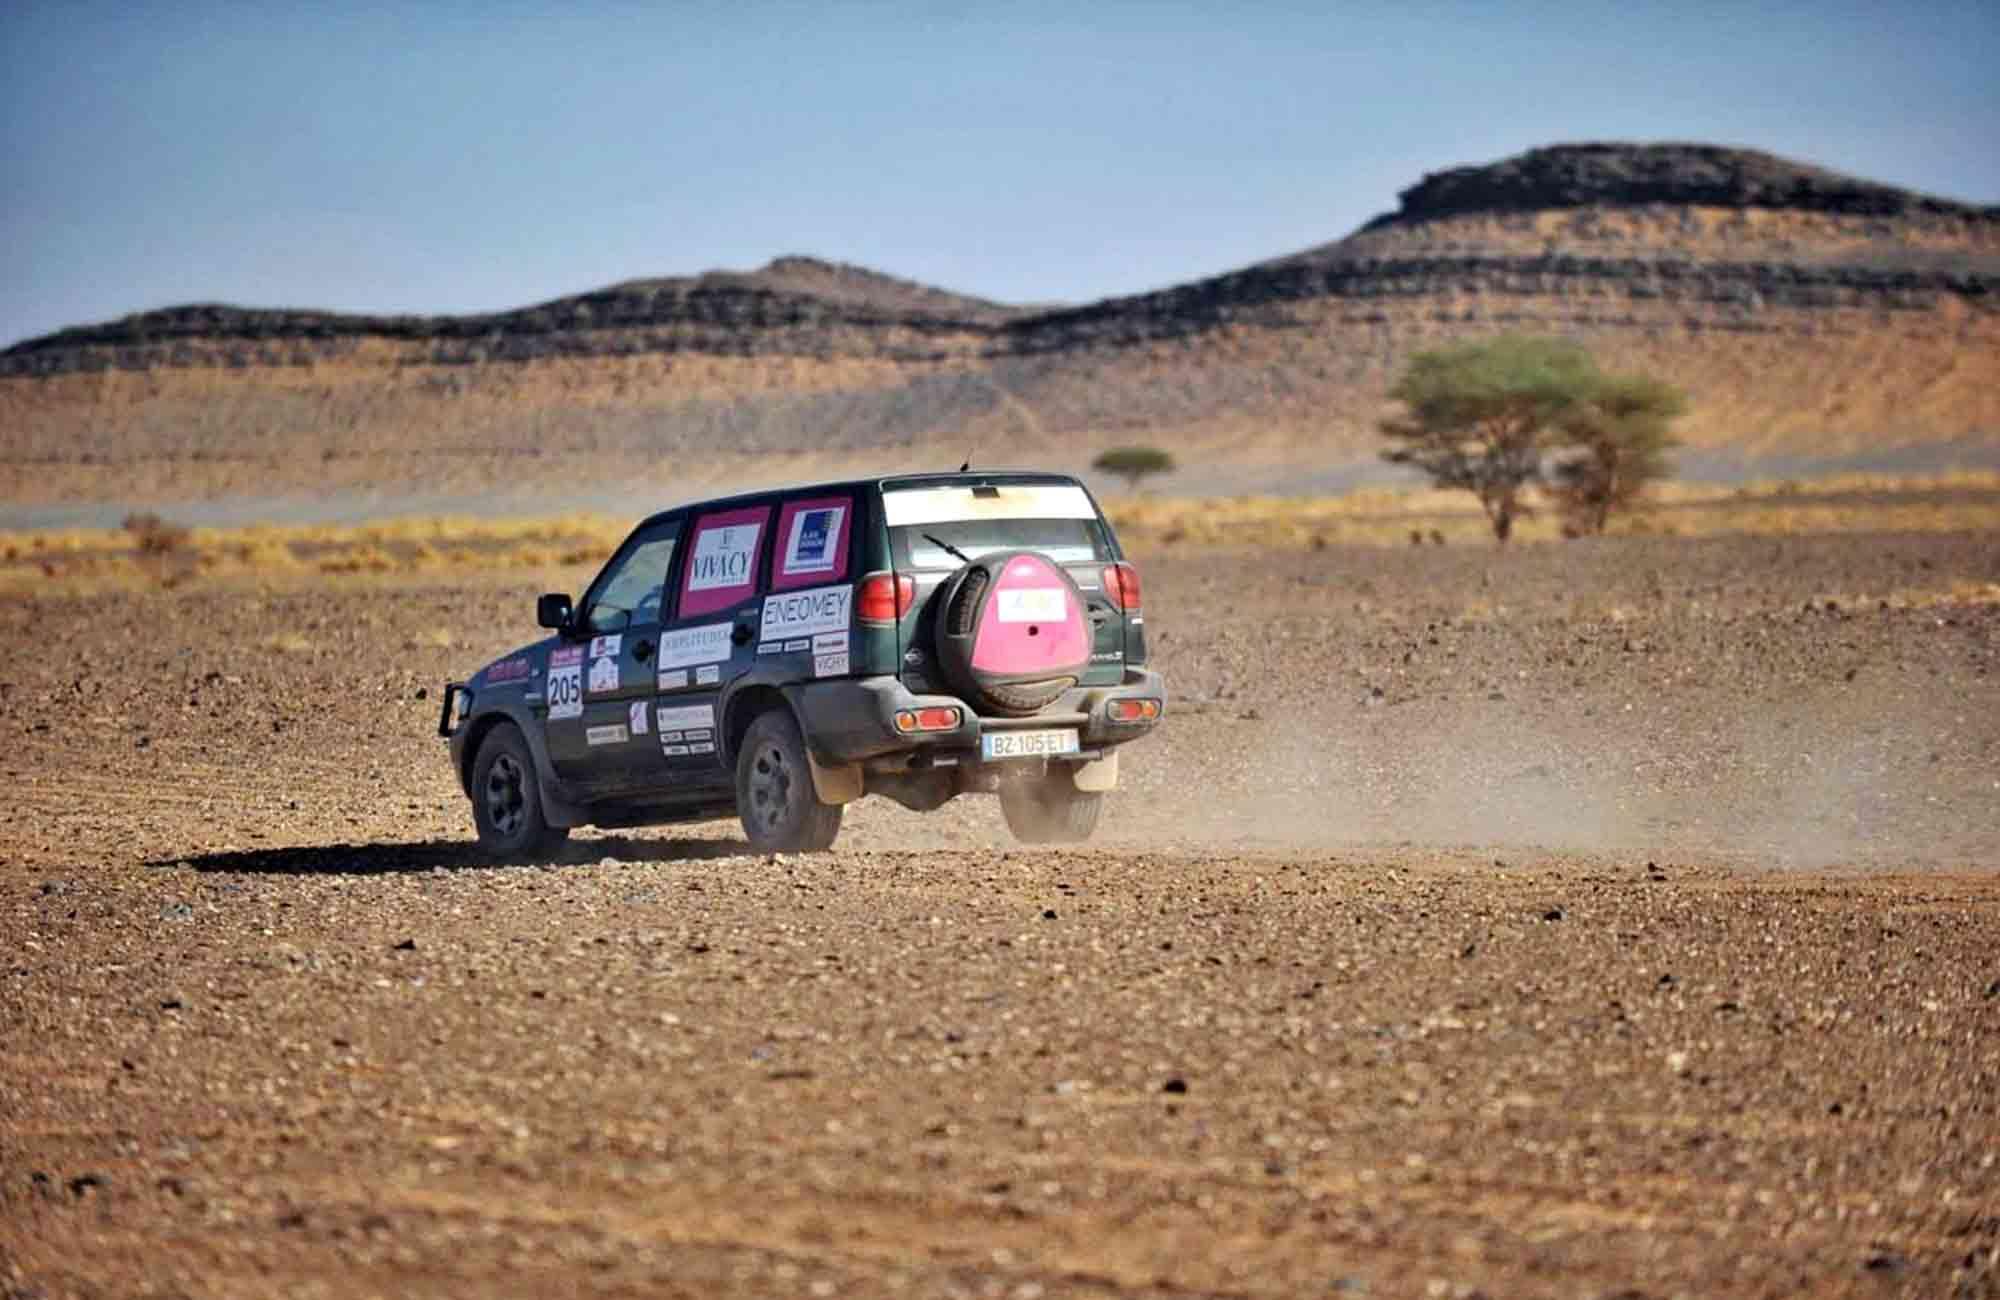 Trophée Rose des Sables - 4X4 Désert Marocain - Amplitudes